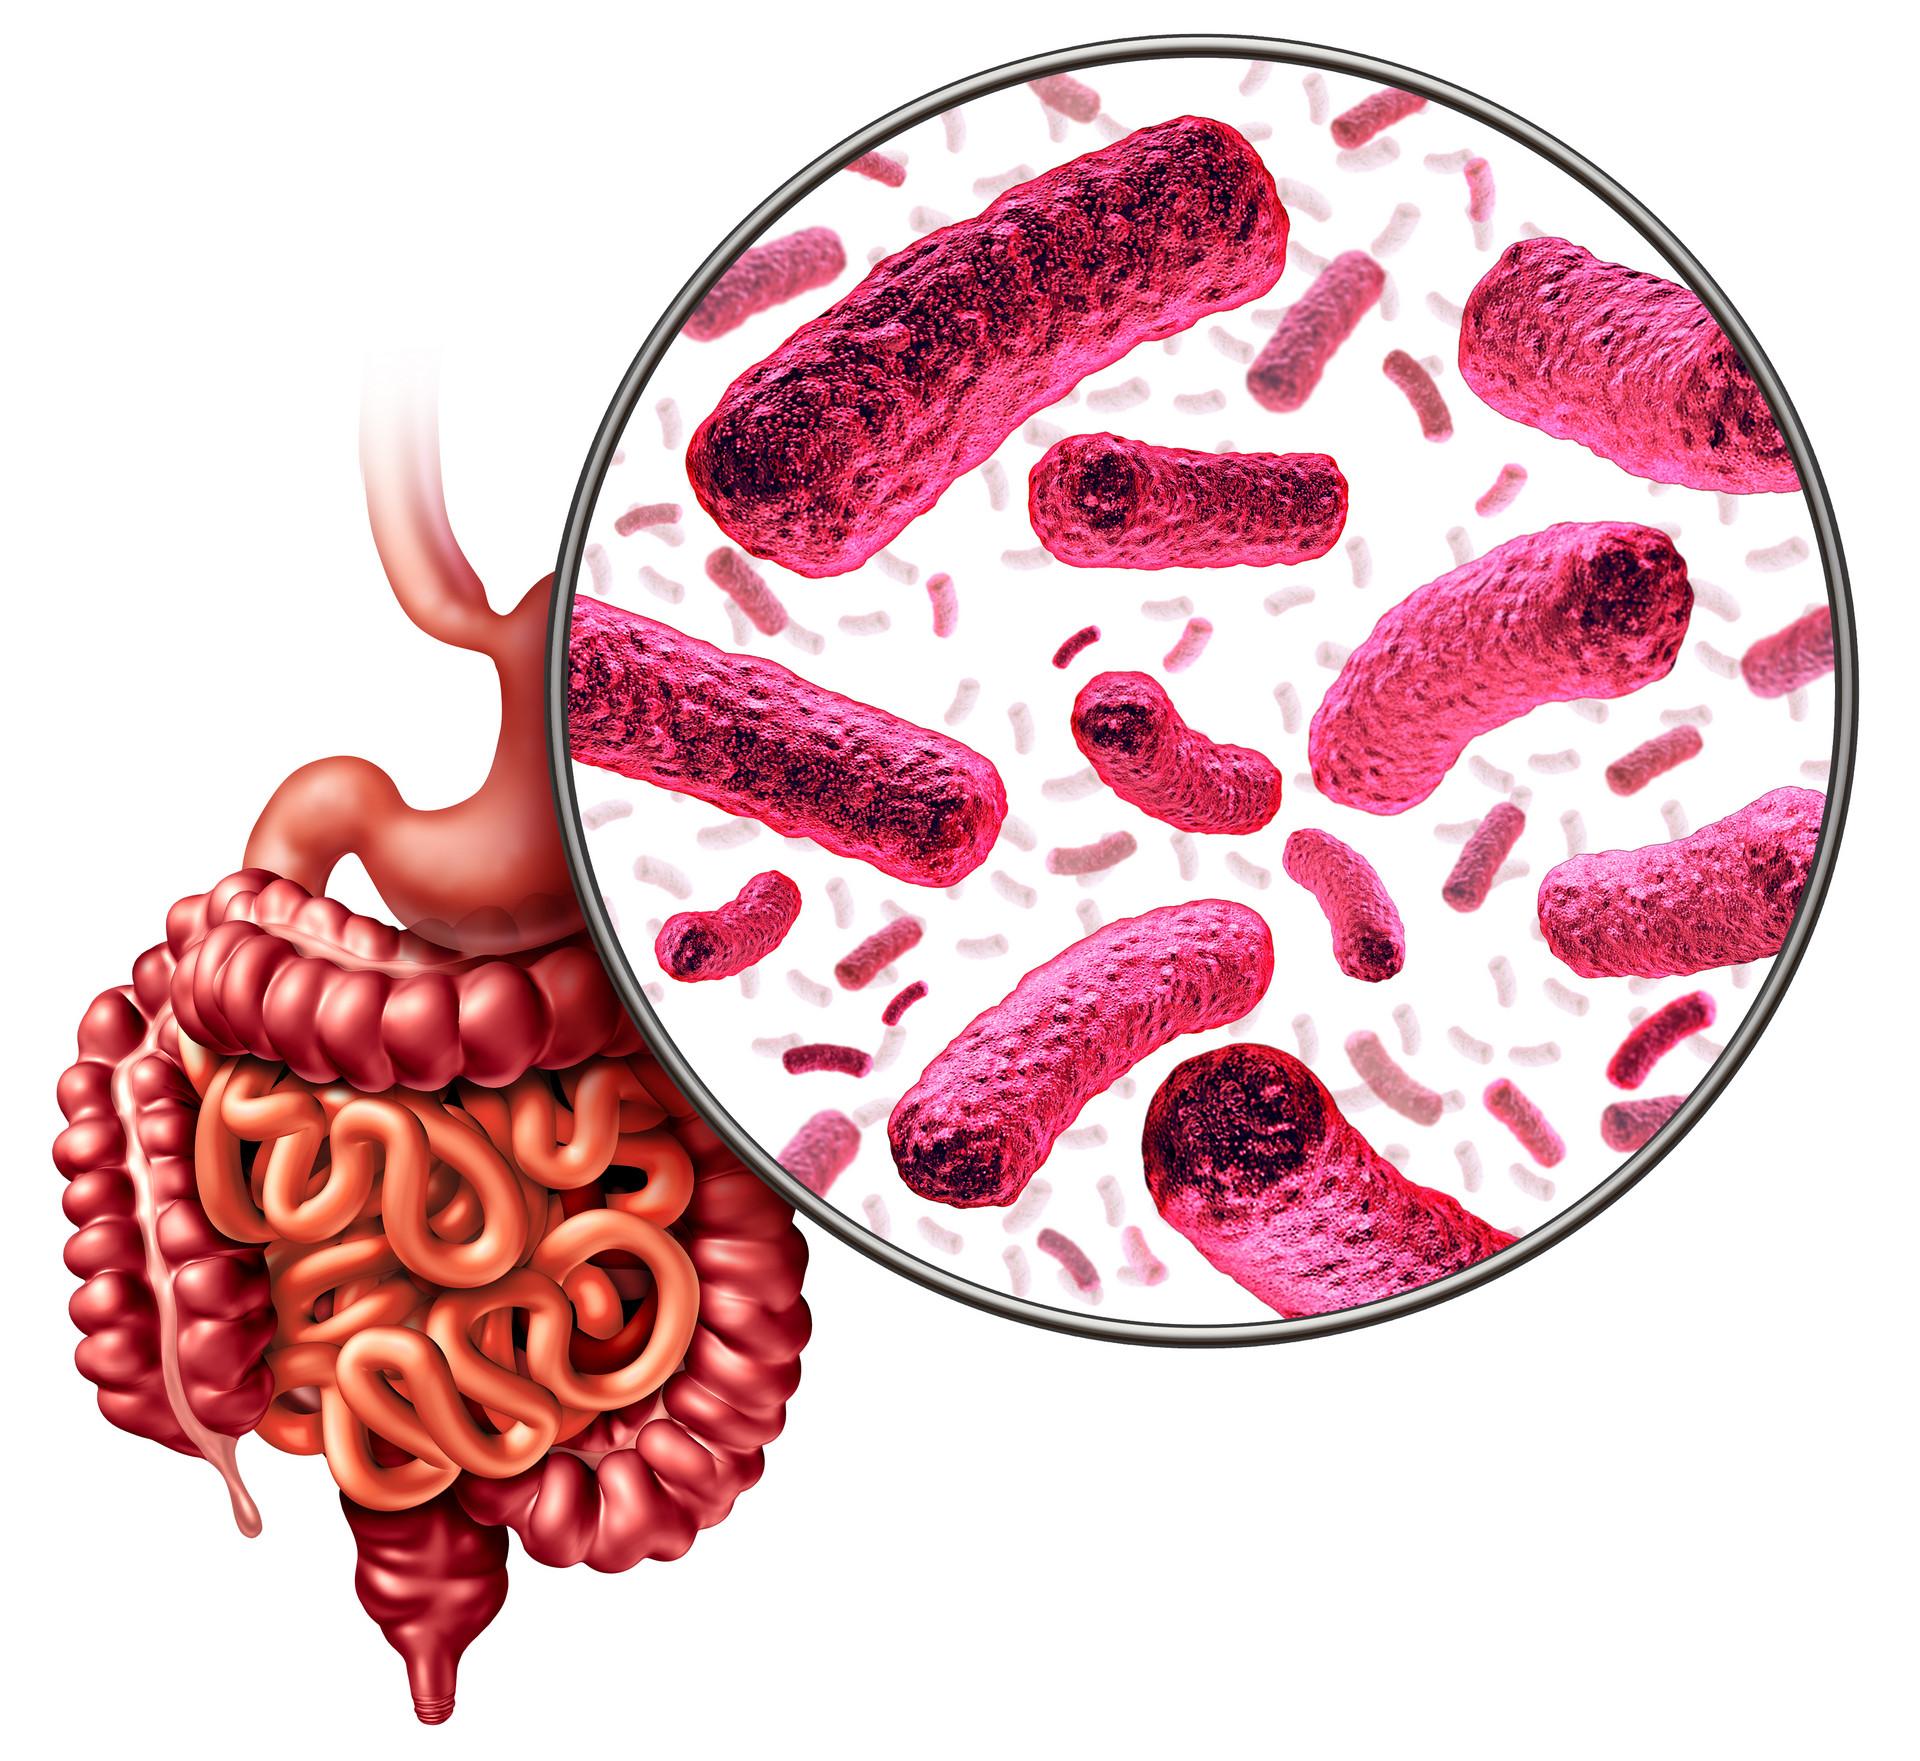 怎么吃益生菌效果最好